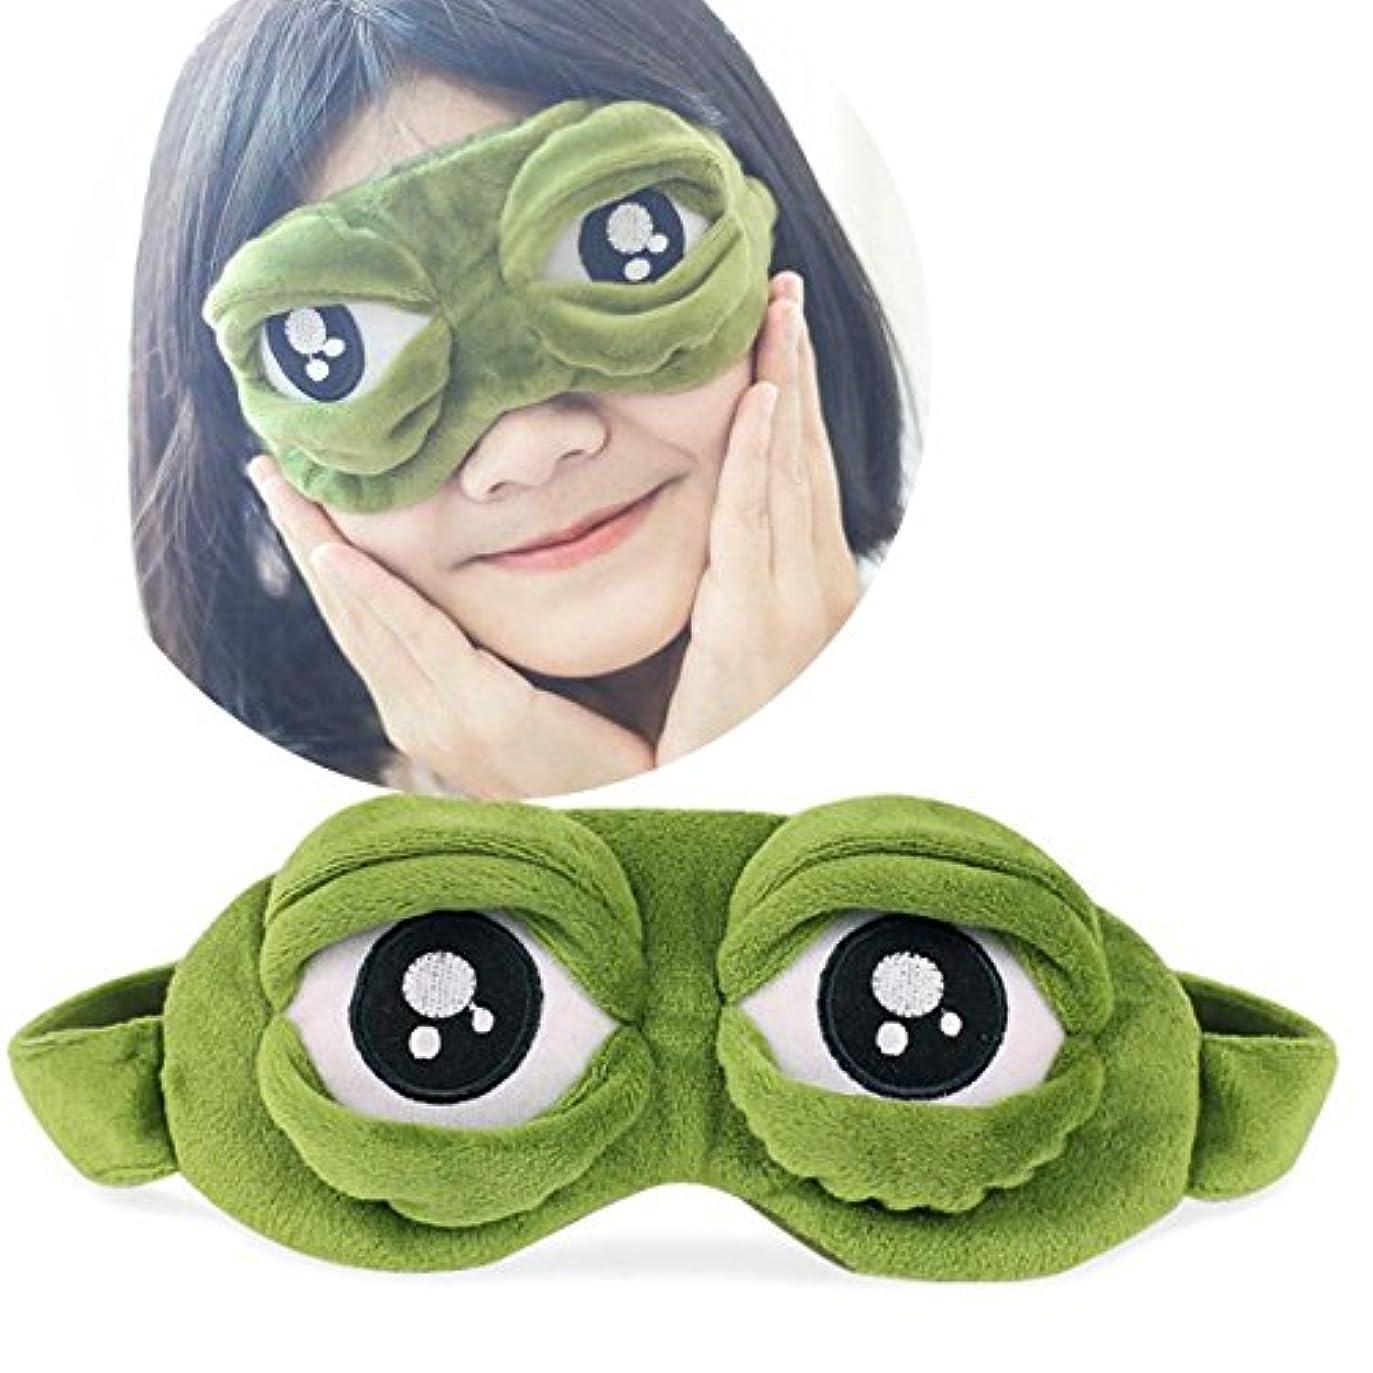 お茶風刺一掃する注かわいい目のマスクカバーぬいぐるみ悲しい3Dカエルアイマスクカバー睡眠休息旅行睡眠アニメ面白いギフトアイカバー